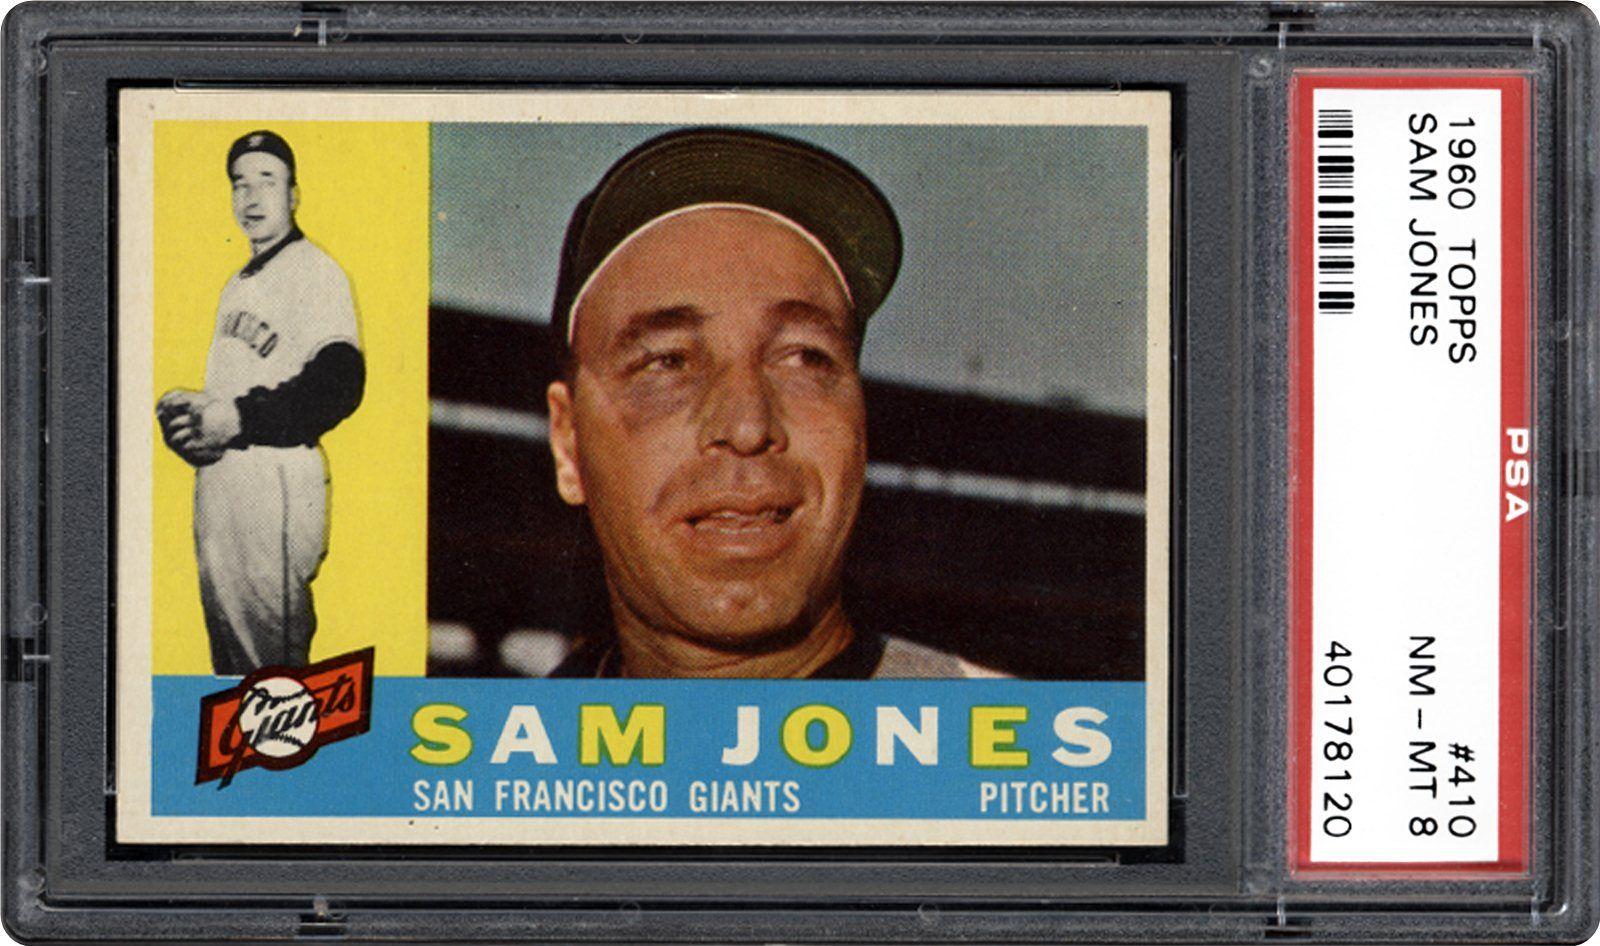 1960 Topps Sam Jones